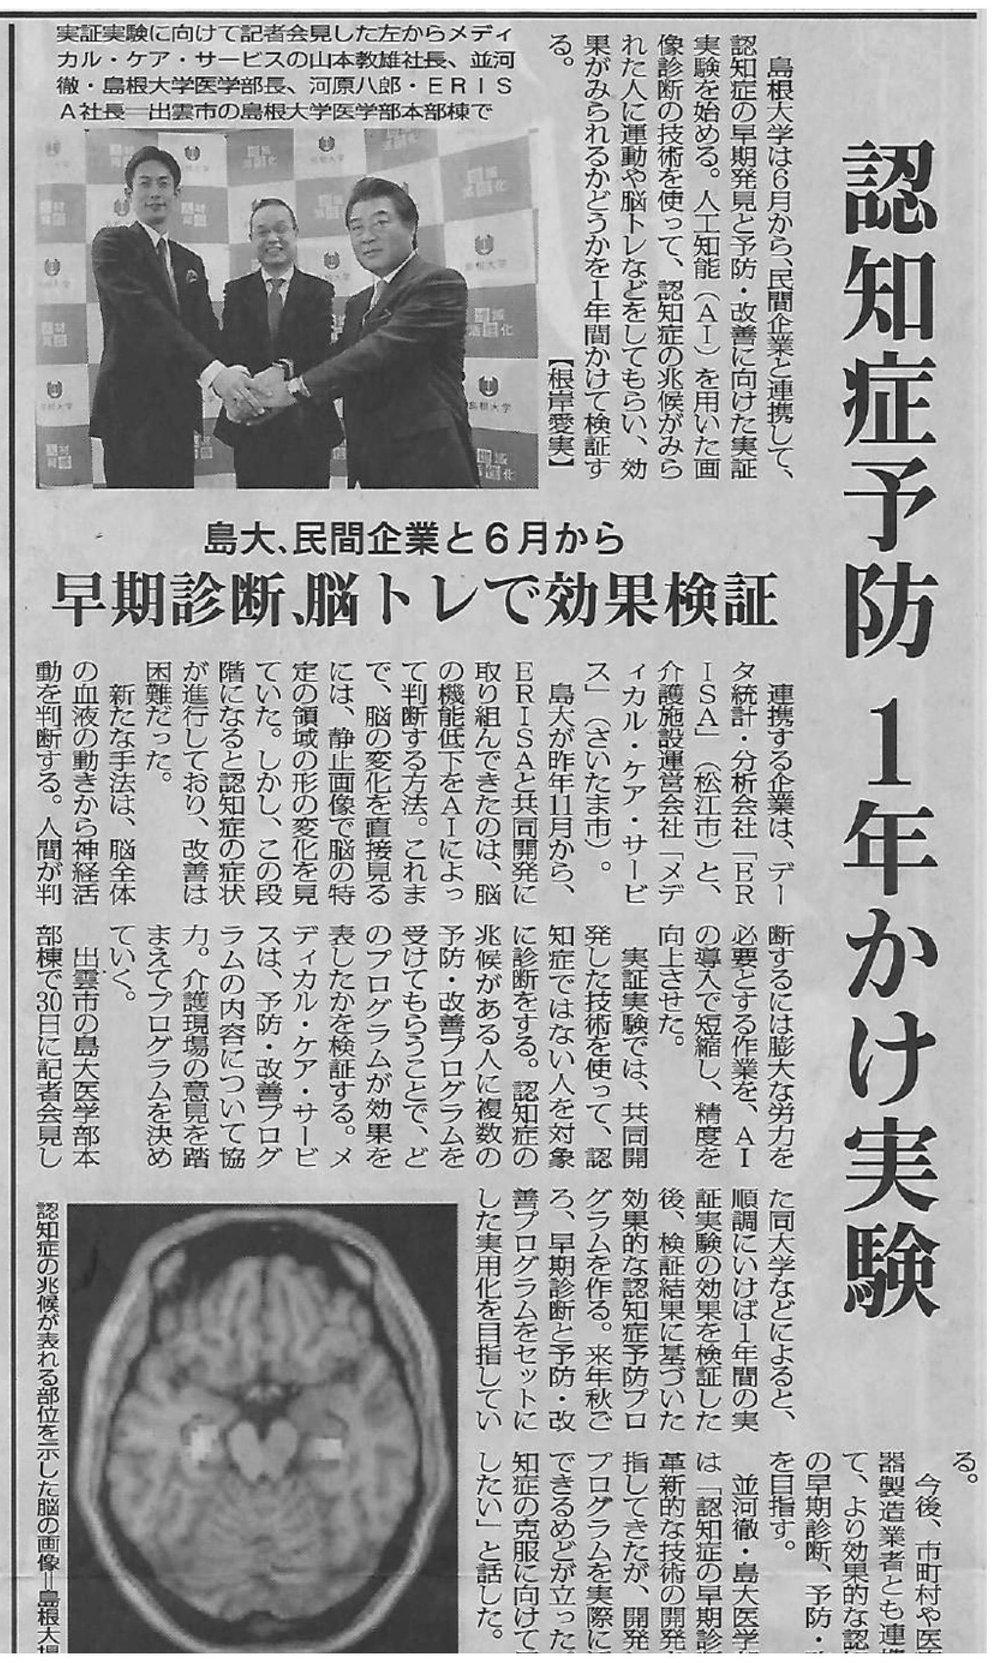 2018.3.31 毎日新聞